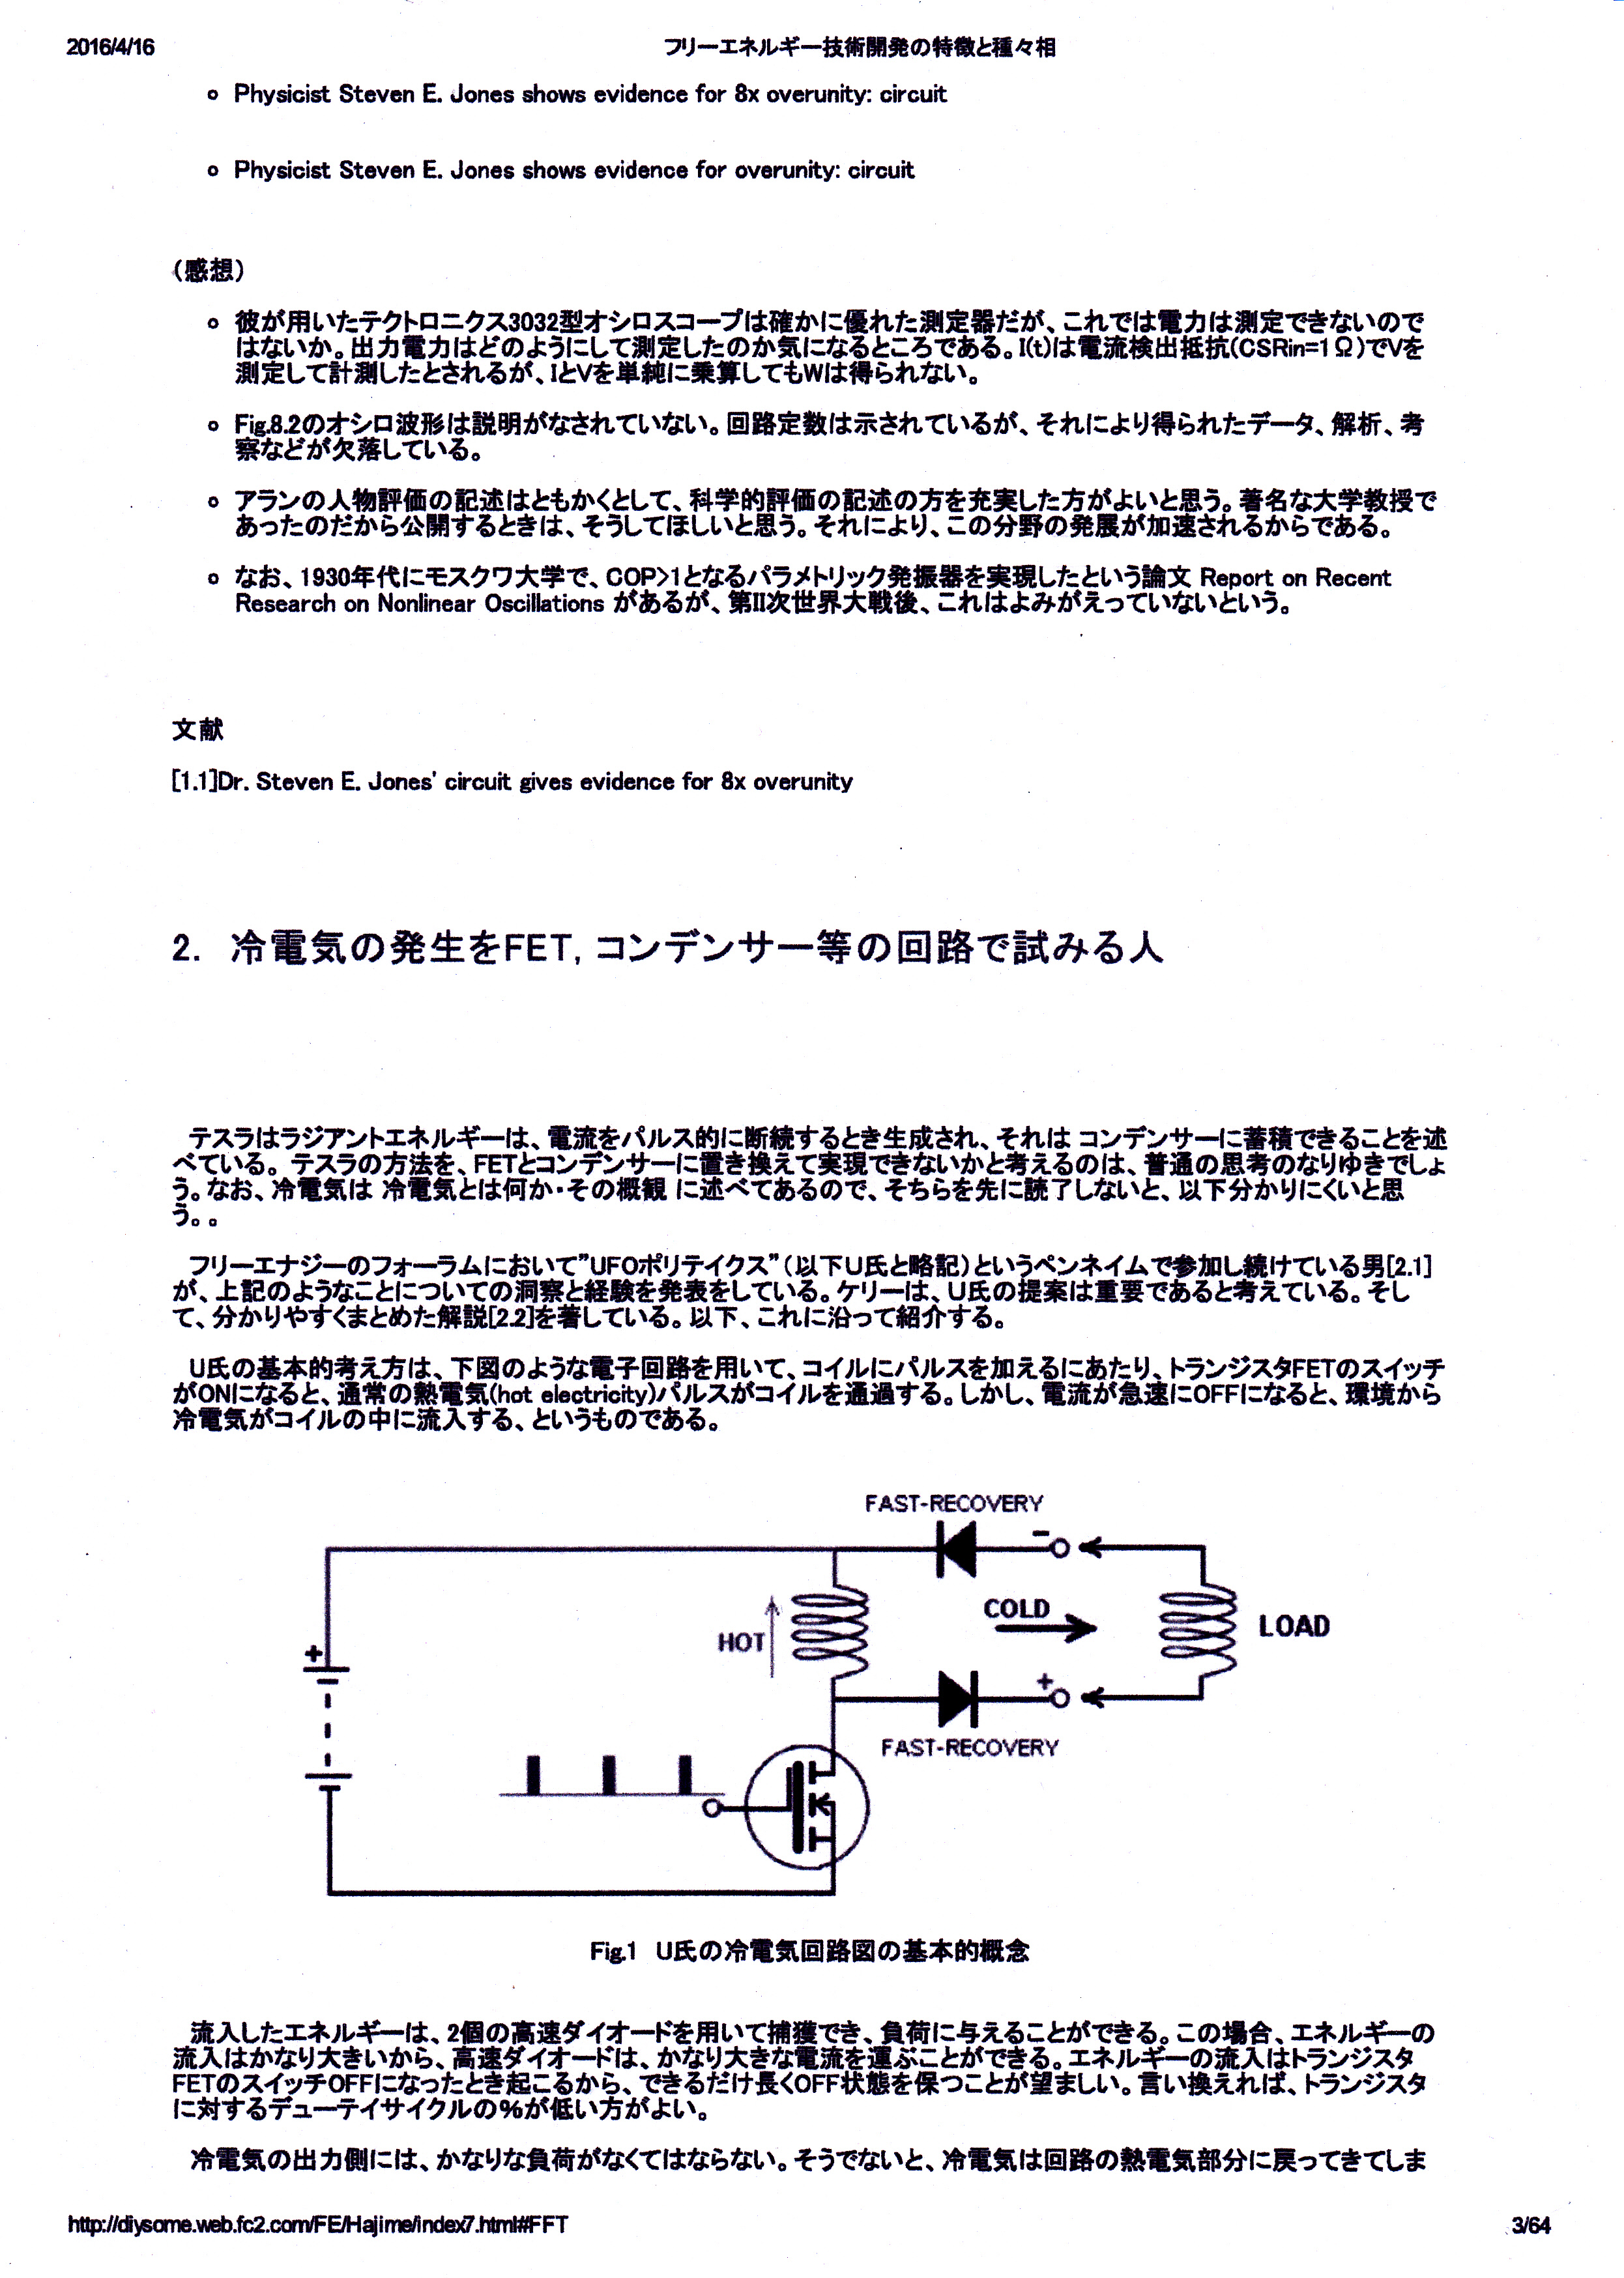 冷電流による発電回路2